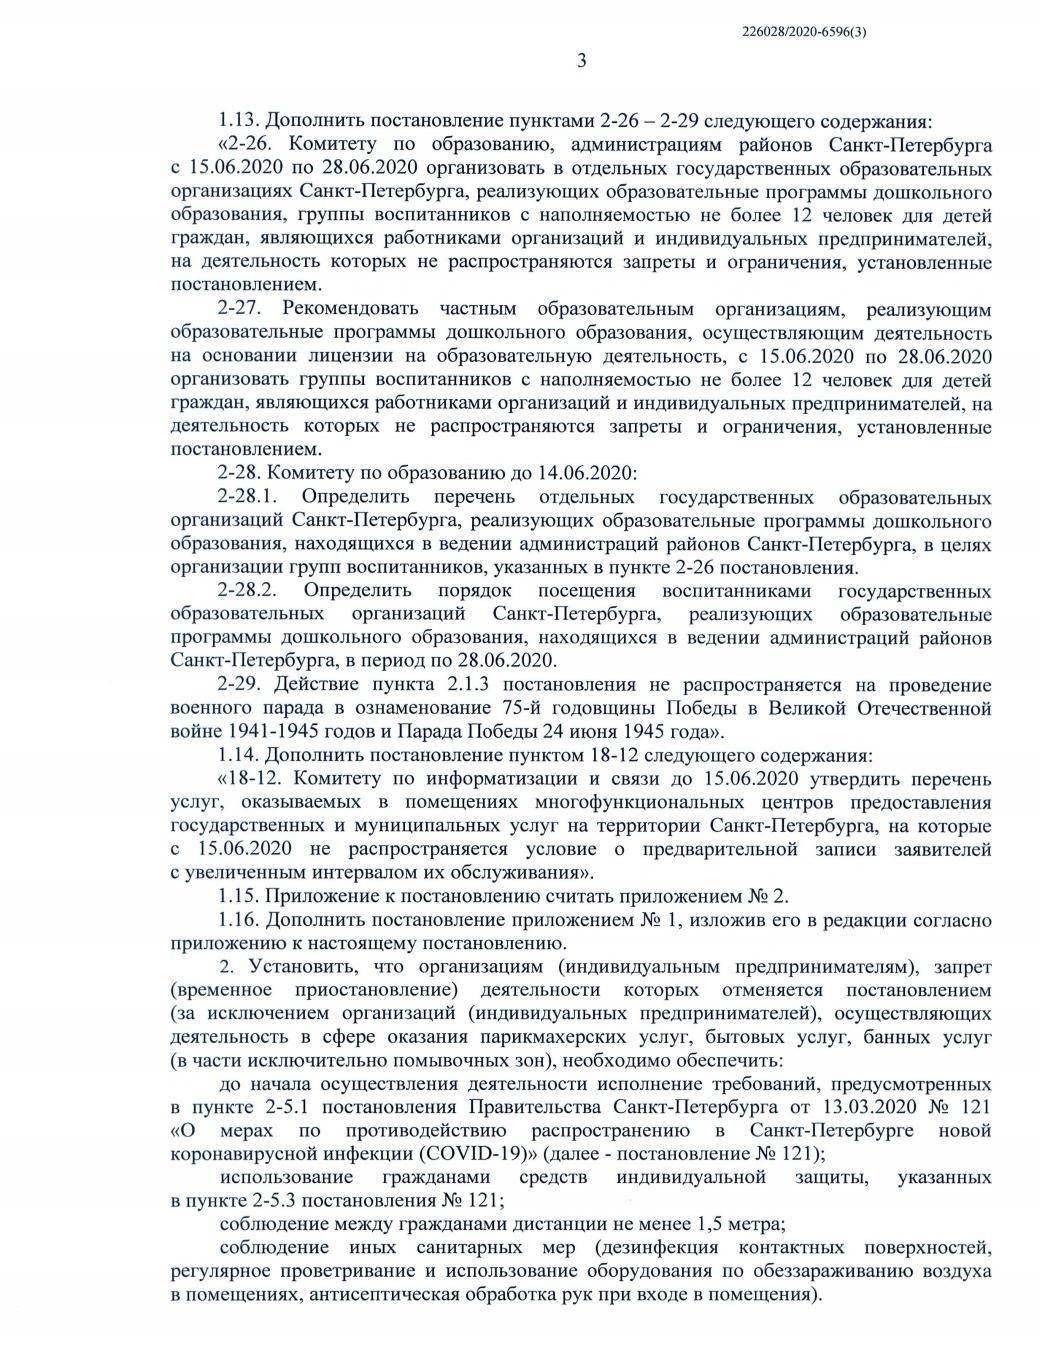 Screenshot_20200613-124129_Office